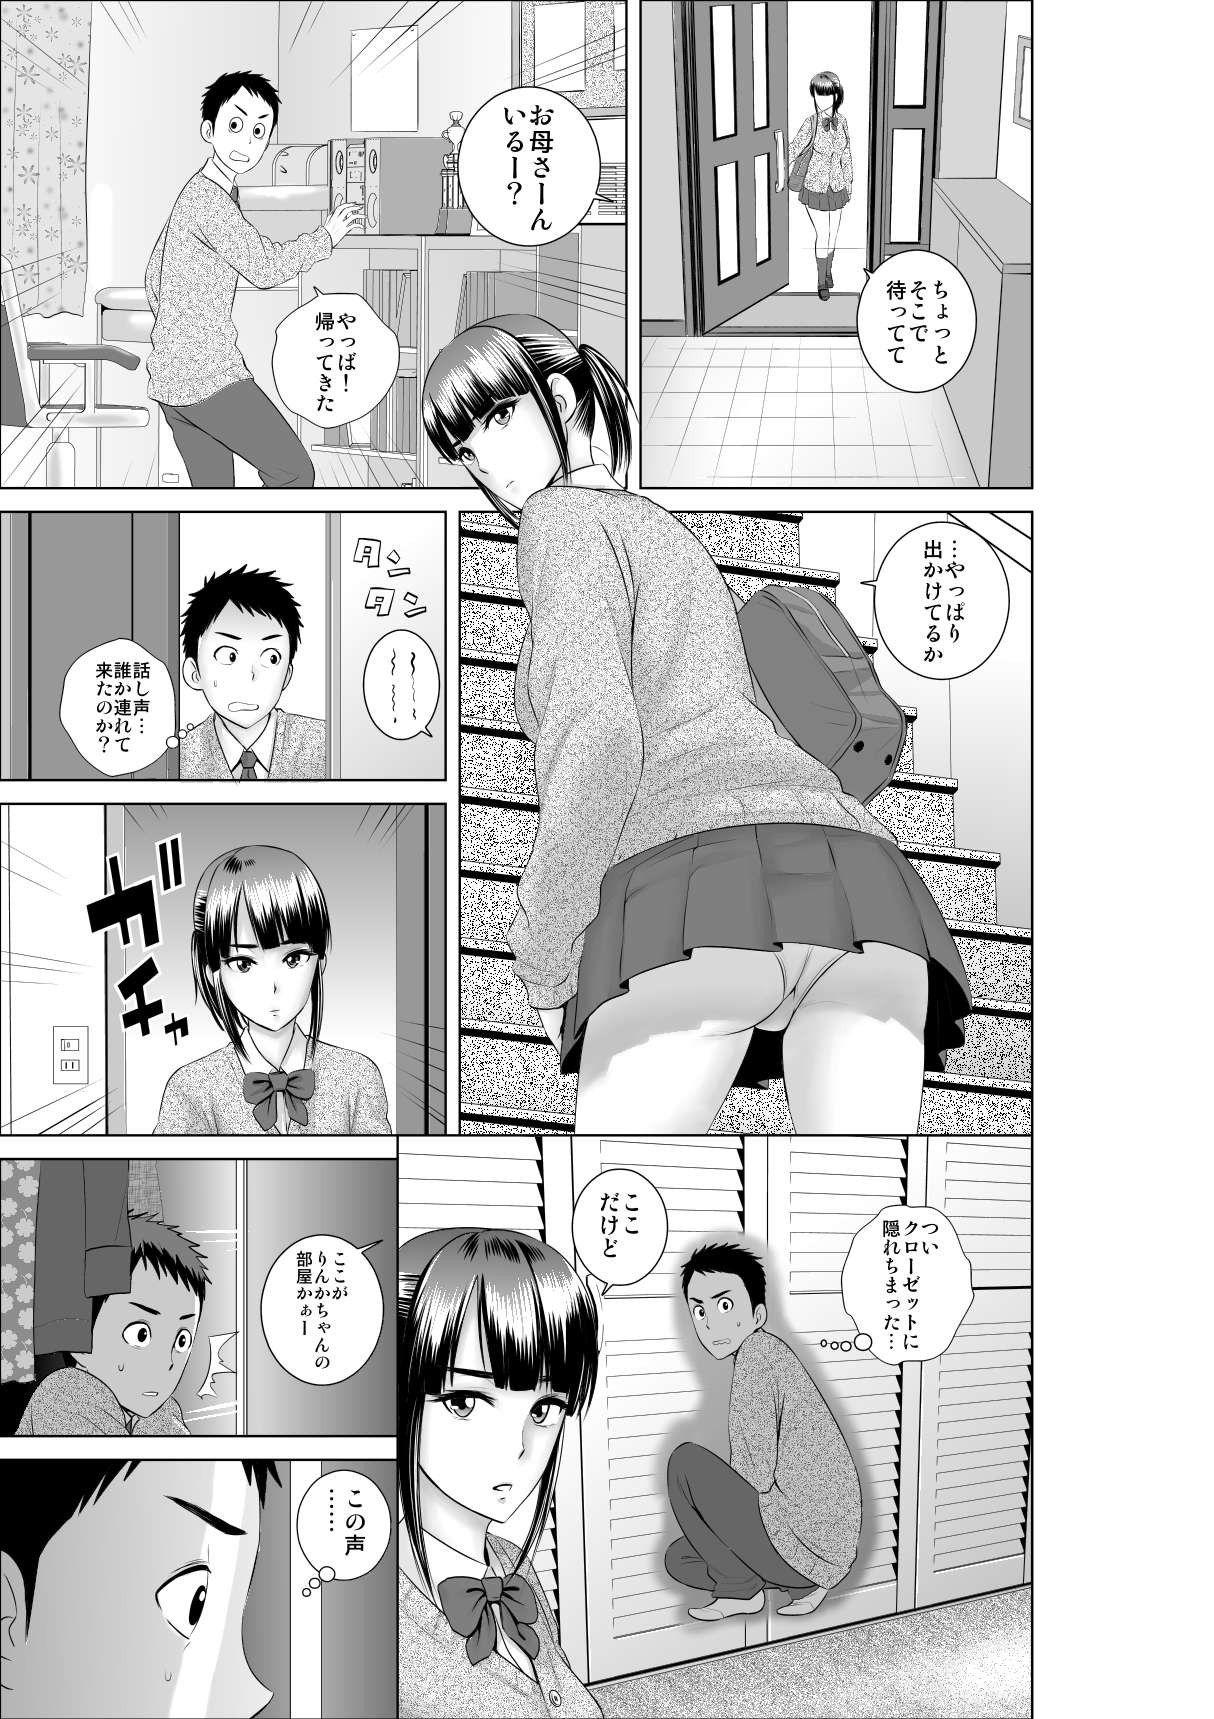 クローゼット~幼馴染の真実~のエロ同人CG画像 1